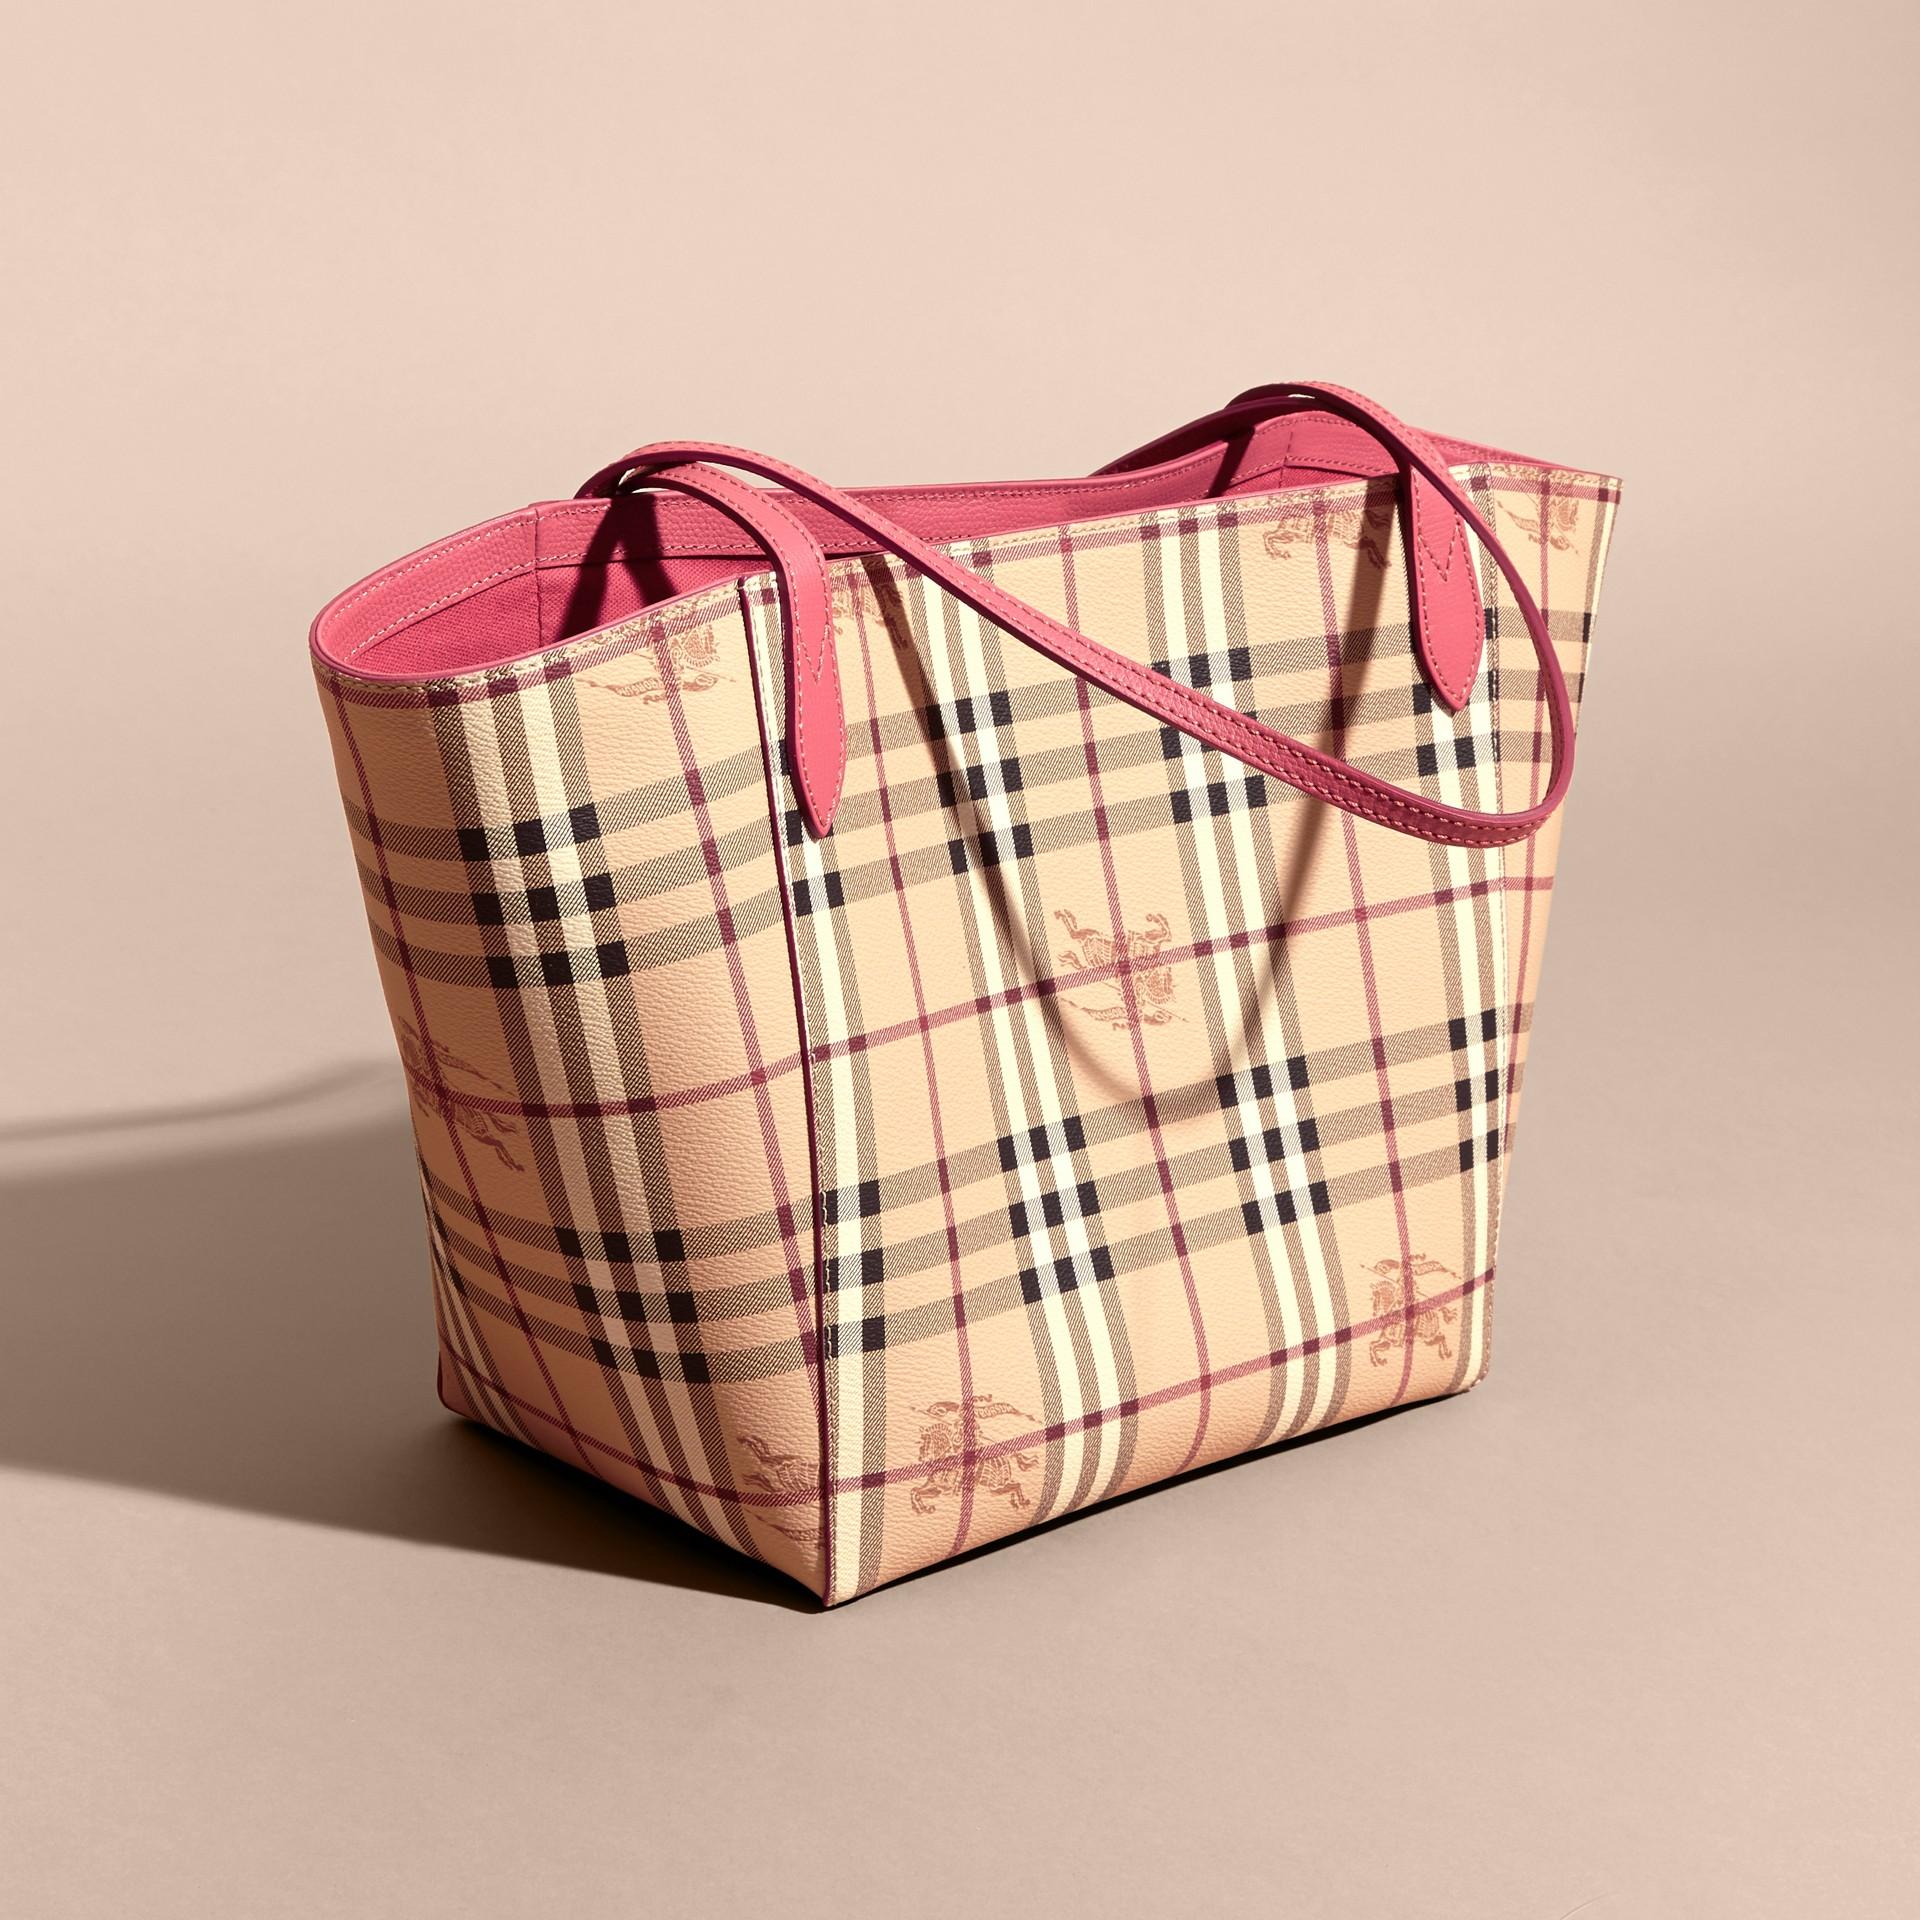 Розовая слива Сумка Canter в клетку Haymarket Check Розовая Слива - изображение 3